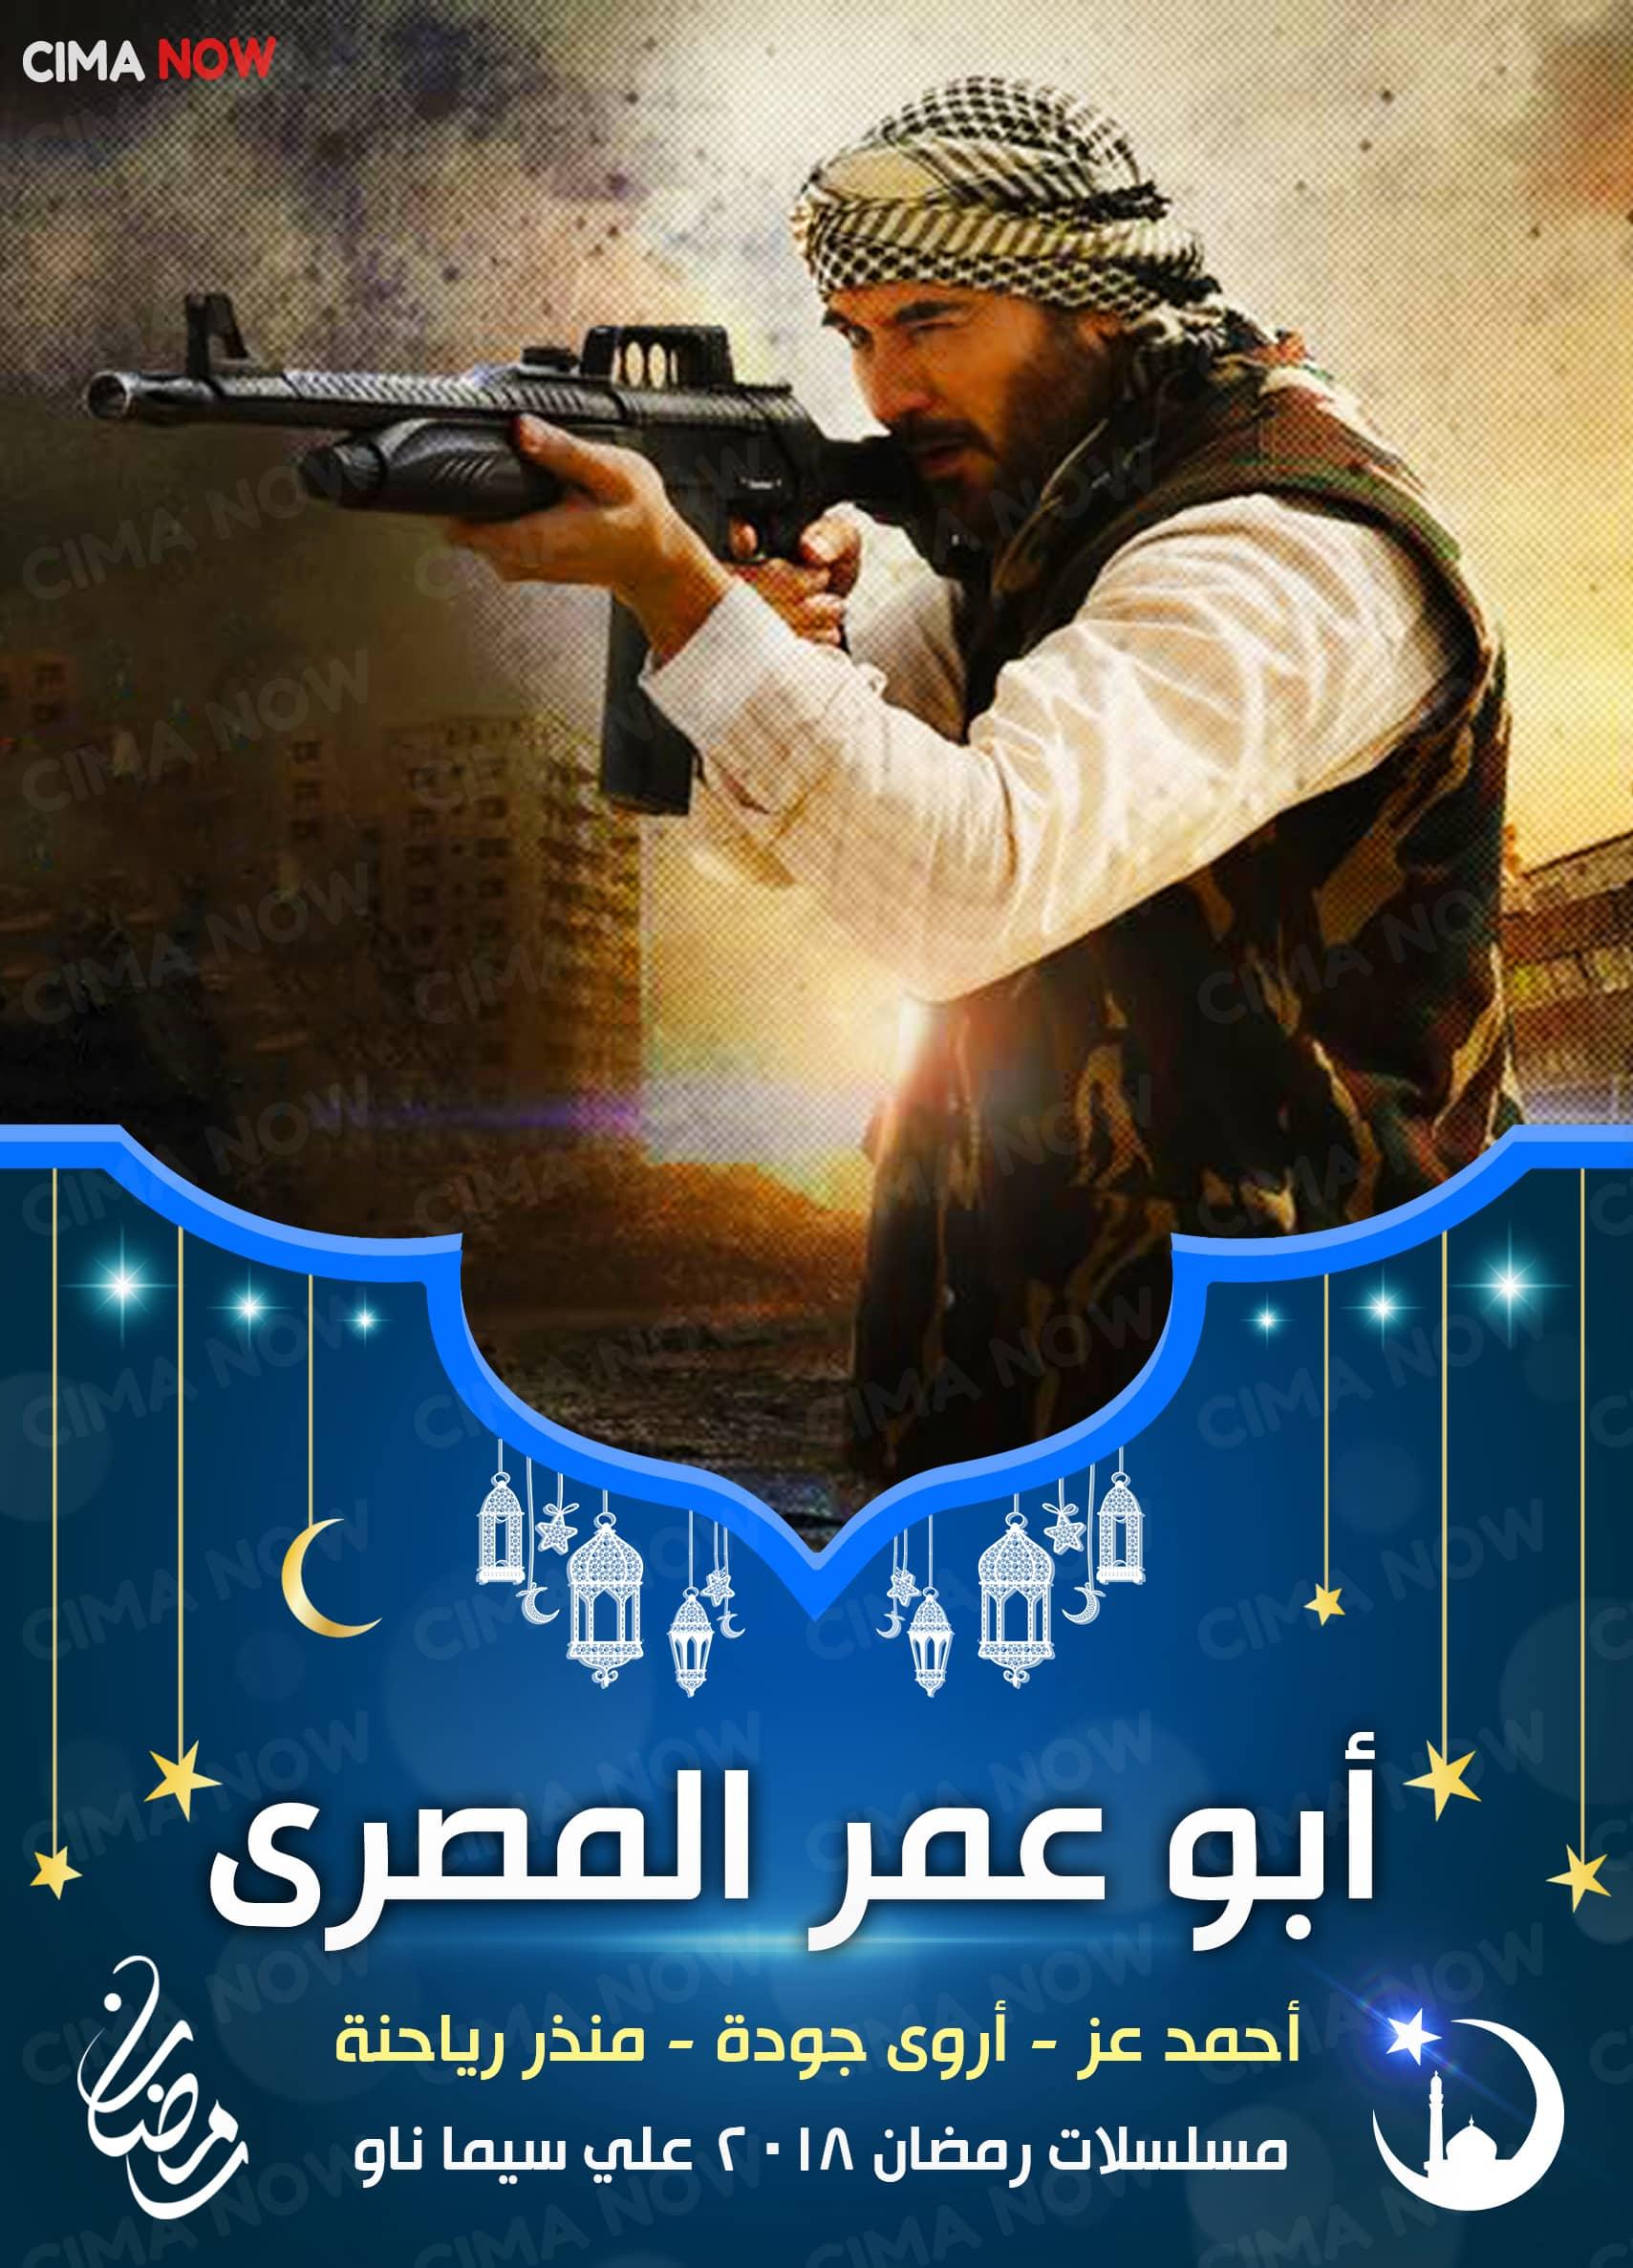 مسلسل ابو عمر المصري الحلقة 24 الرابعة والعشرون